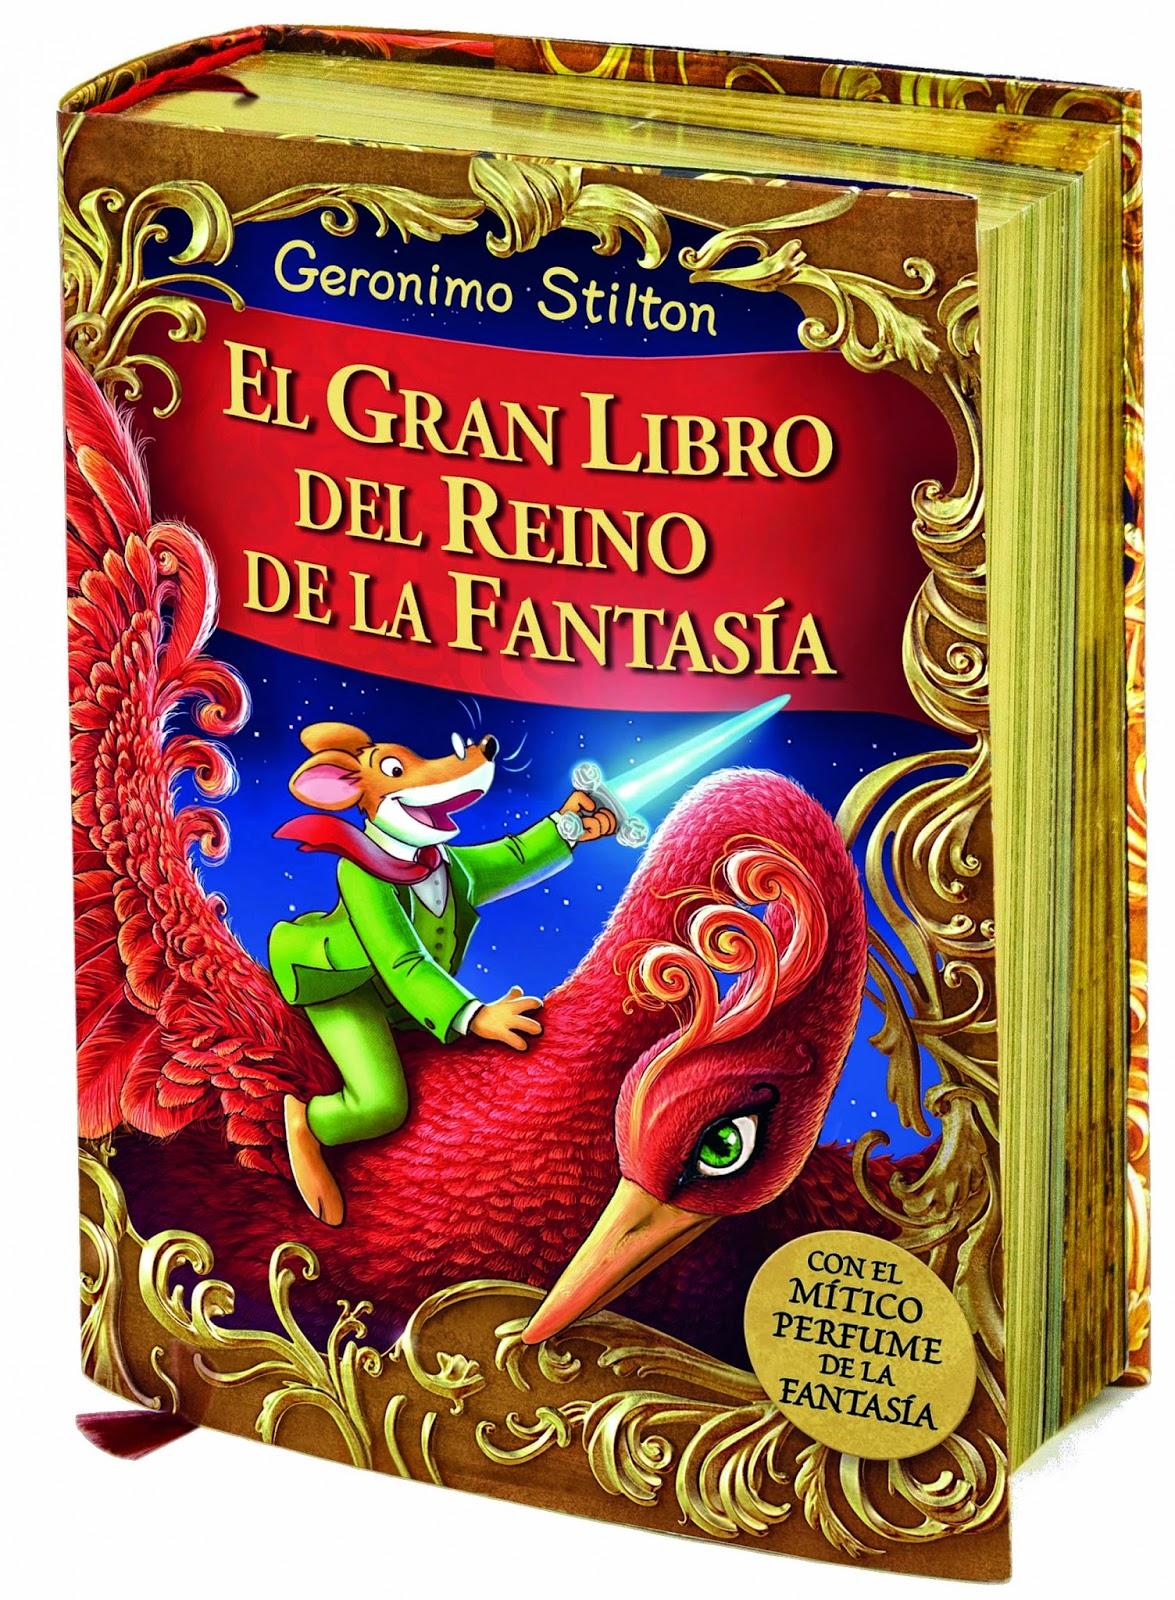 Ranking Semanal. Los diez libros más vendidos. Número 10. El Gran Libro del Reino de la Fantasía, de Geronimo Stilton.